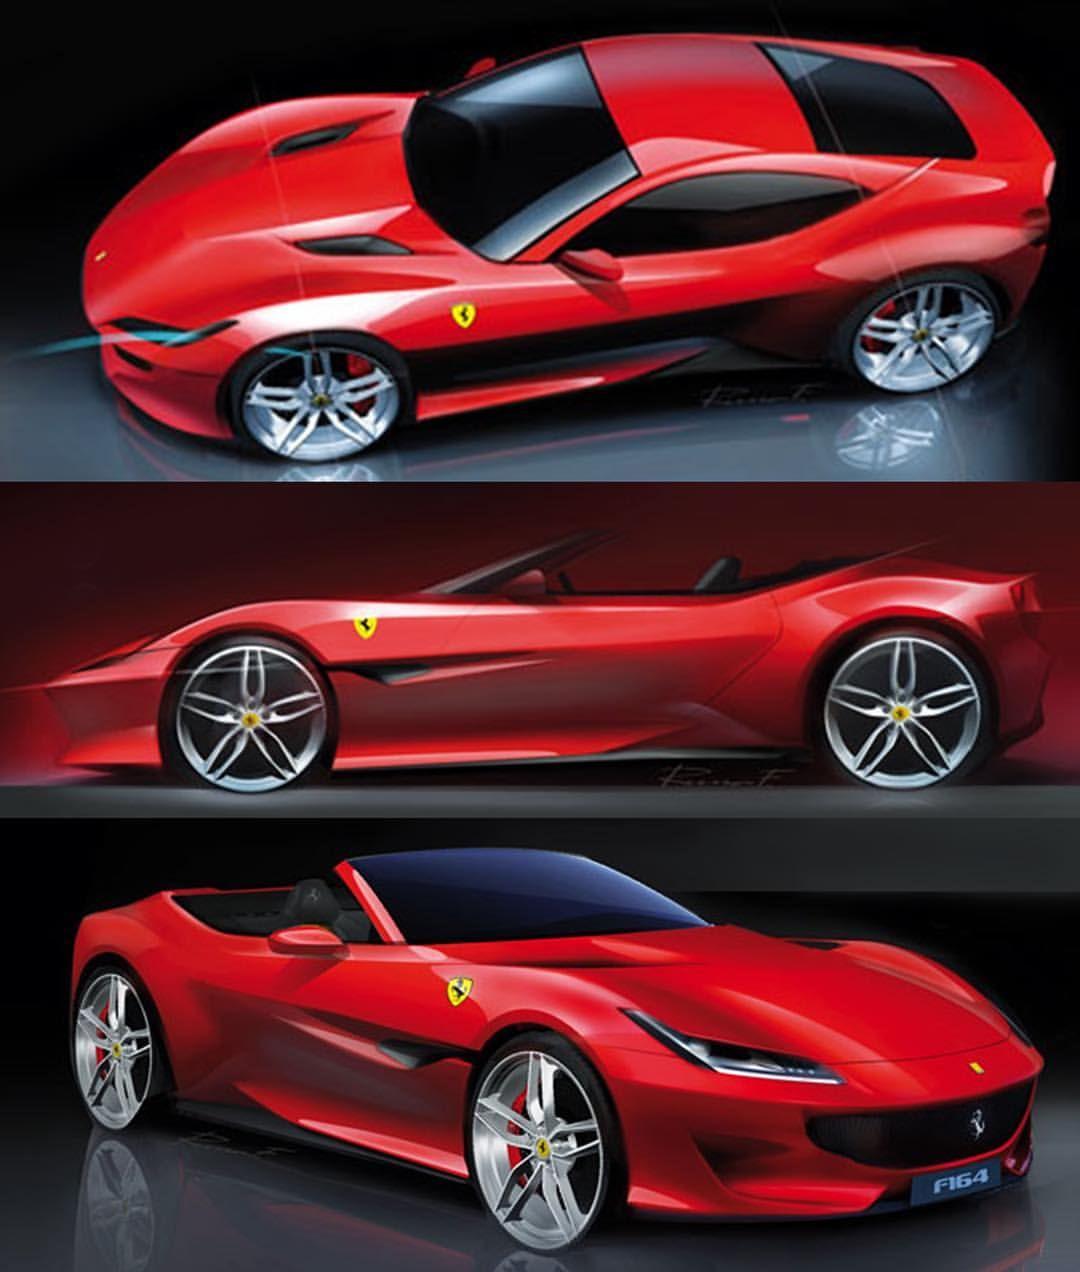 Ferrari Portofino: 668 Likes, 4 Comments